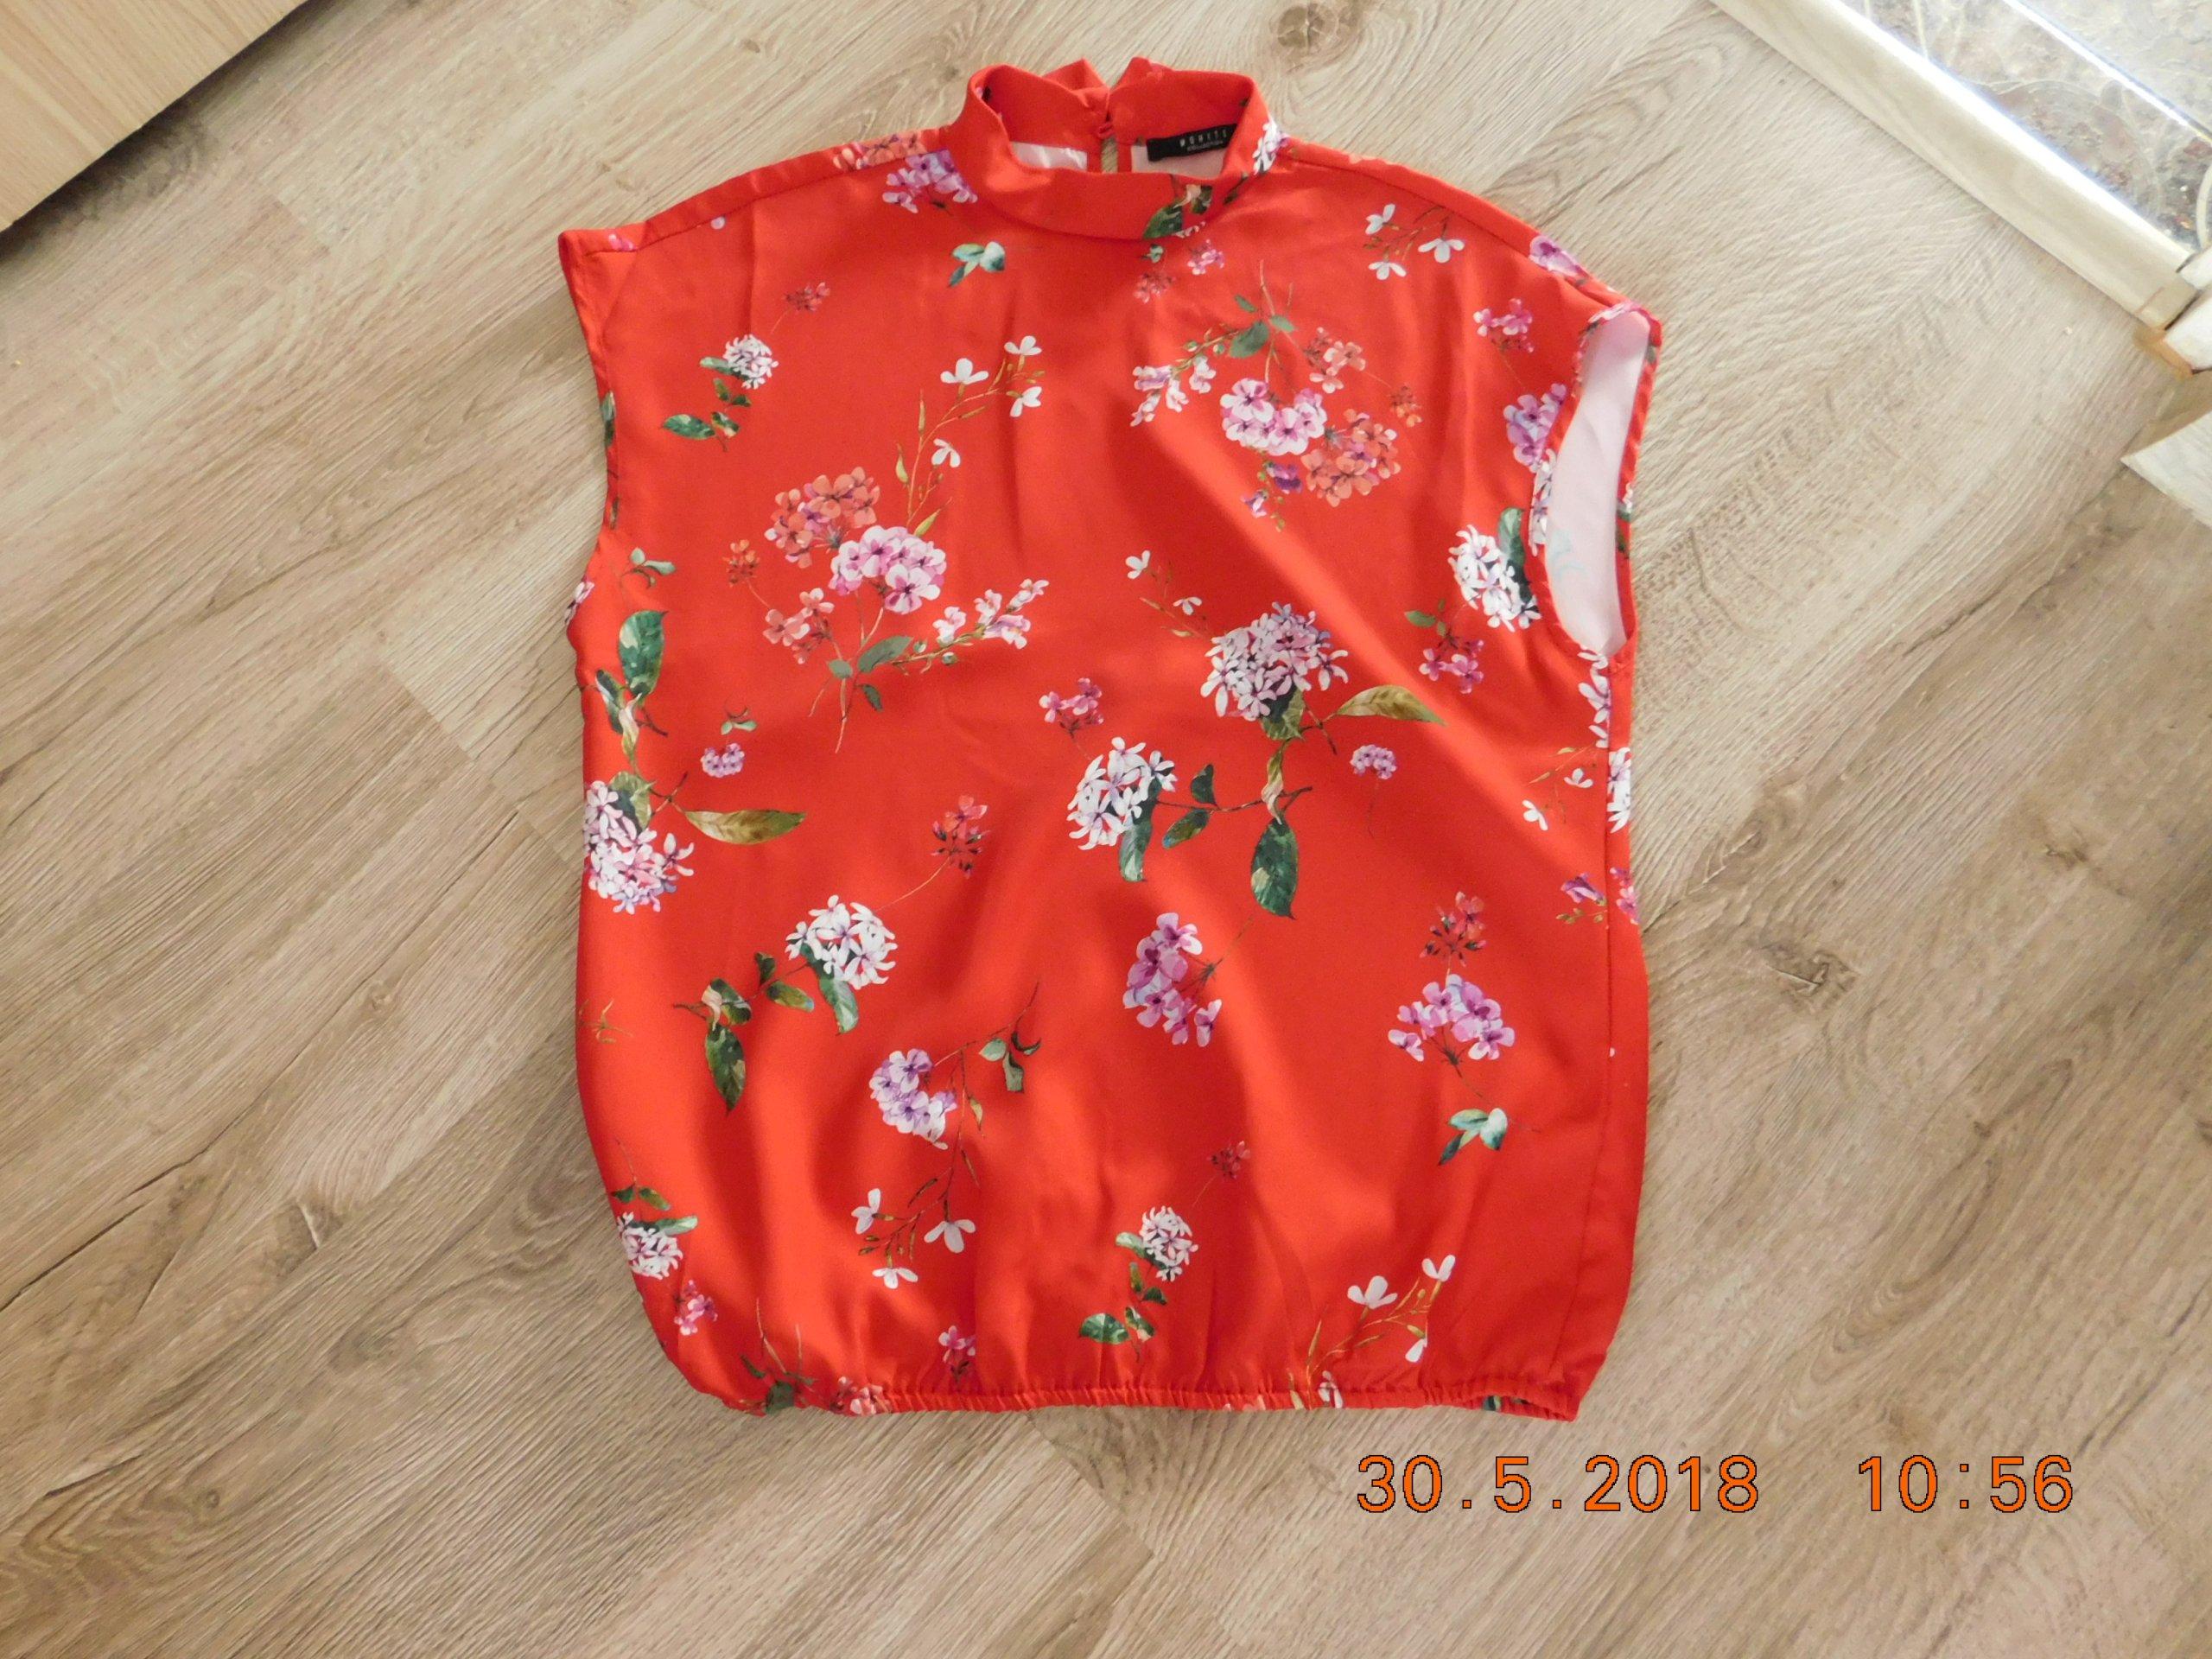 7f7c3cac3f bluzka MOHITO czerwona 36 NOWA - 7375482266 - oficjalne archiwum allegro